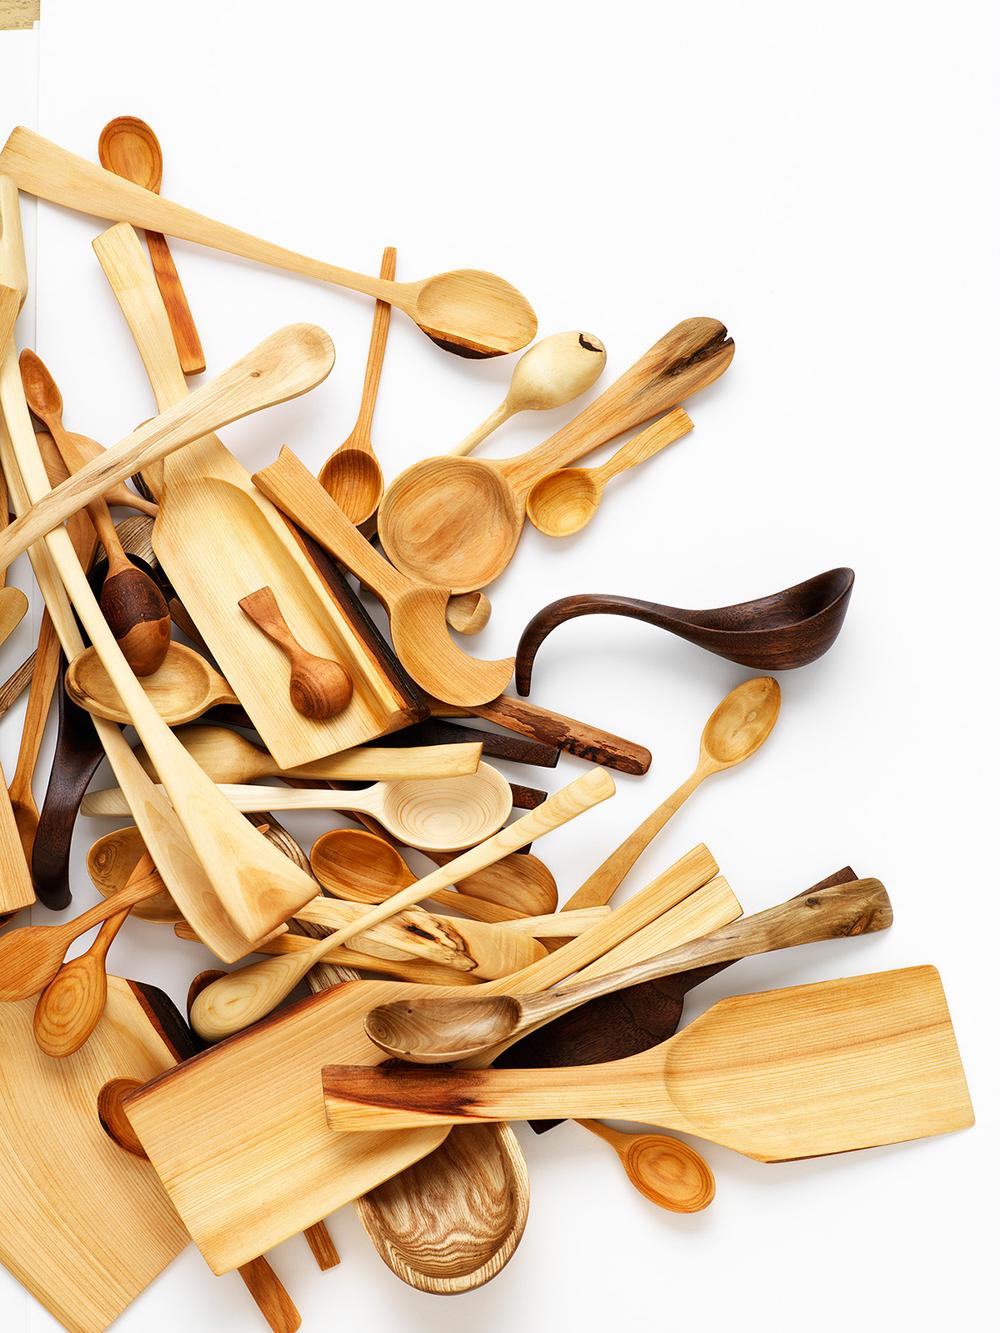 Spoons_Pile_white-002.jpg